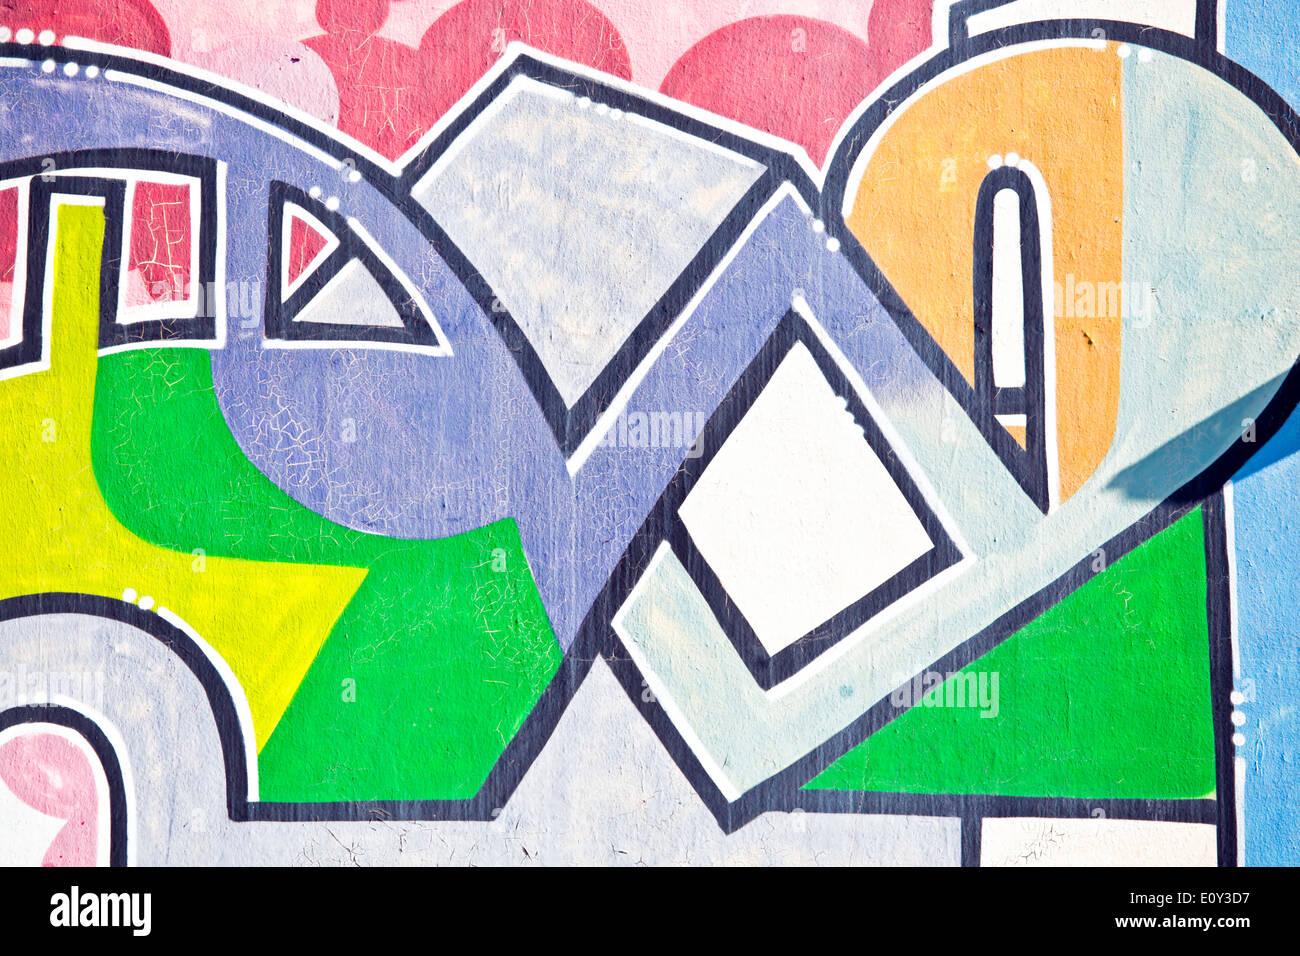 Graffiti wall amsterdam - Graffiti Wall In Amsterdam The Netherlands